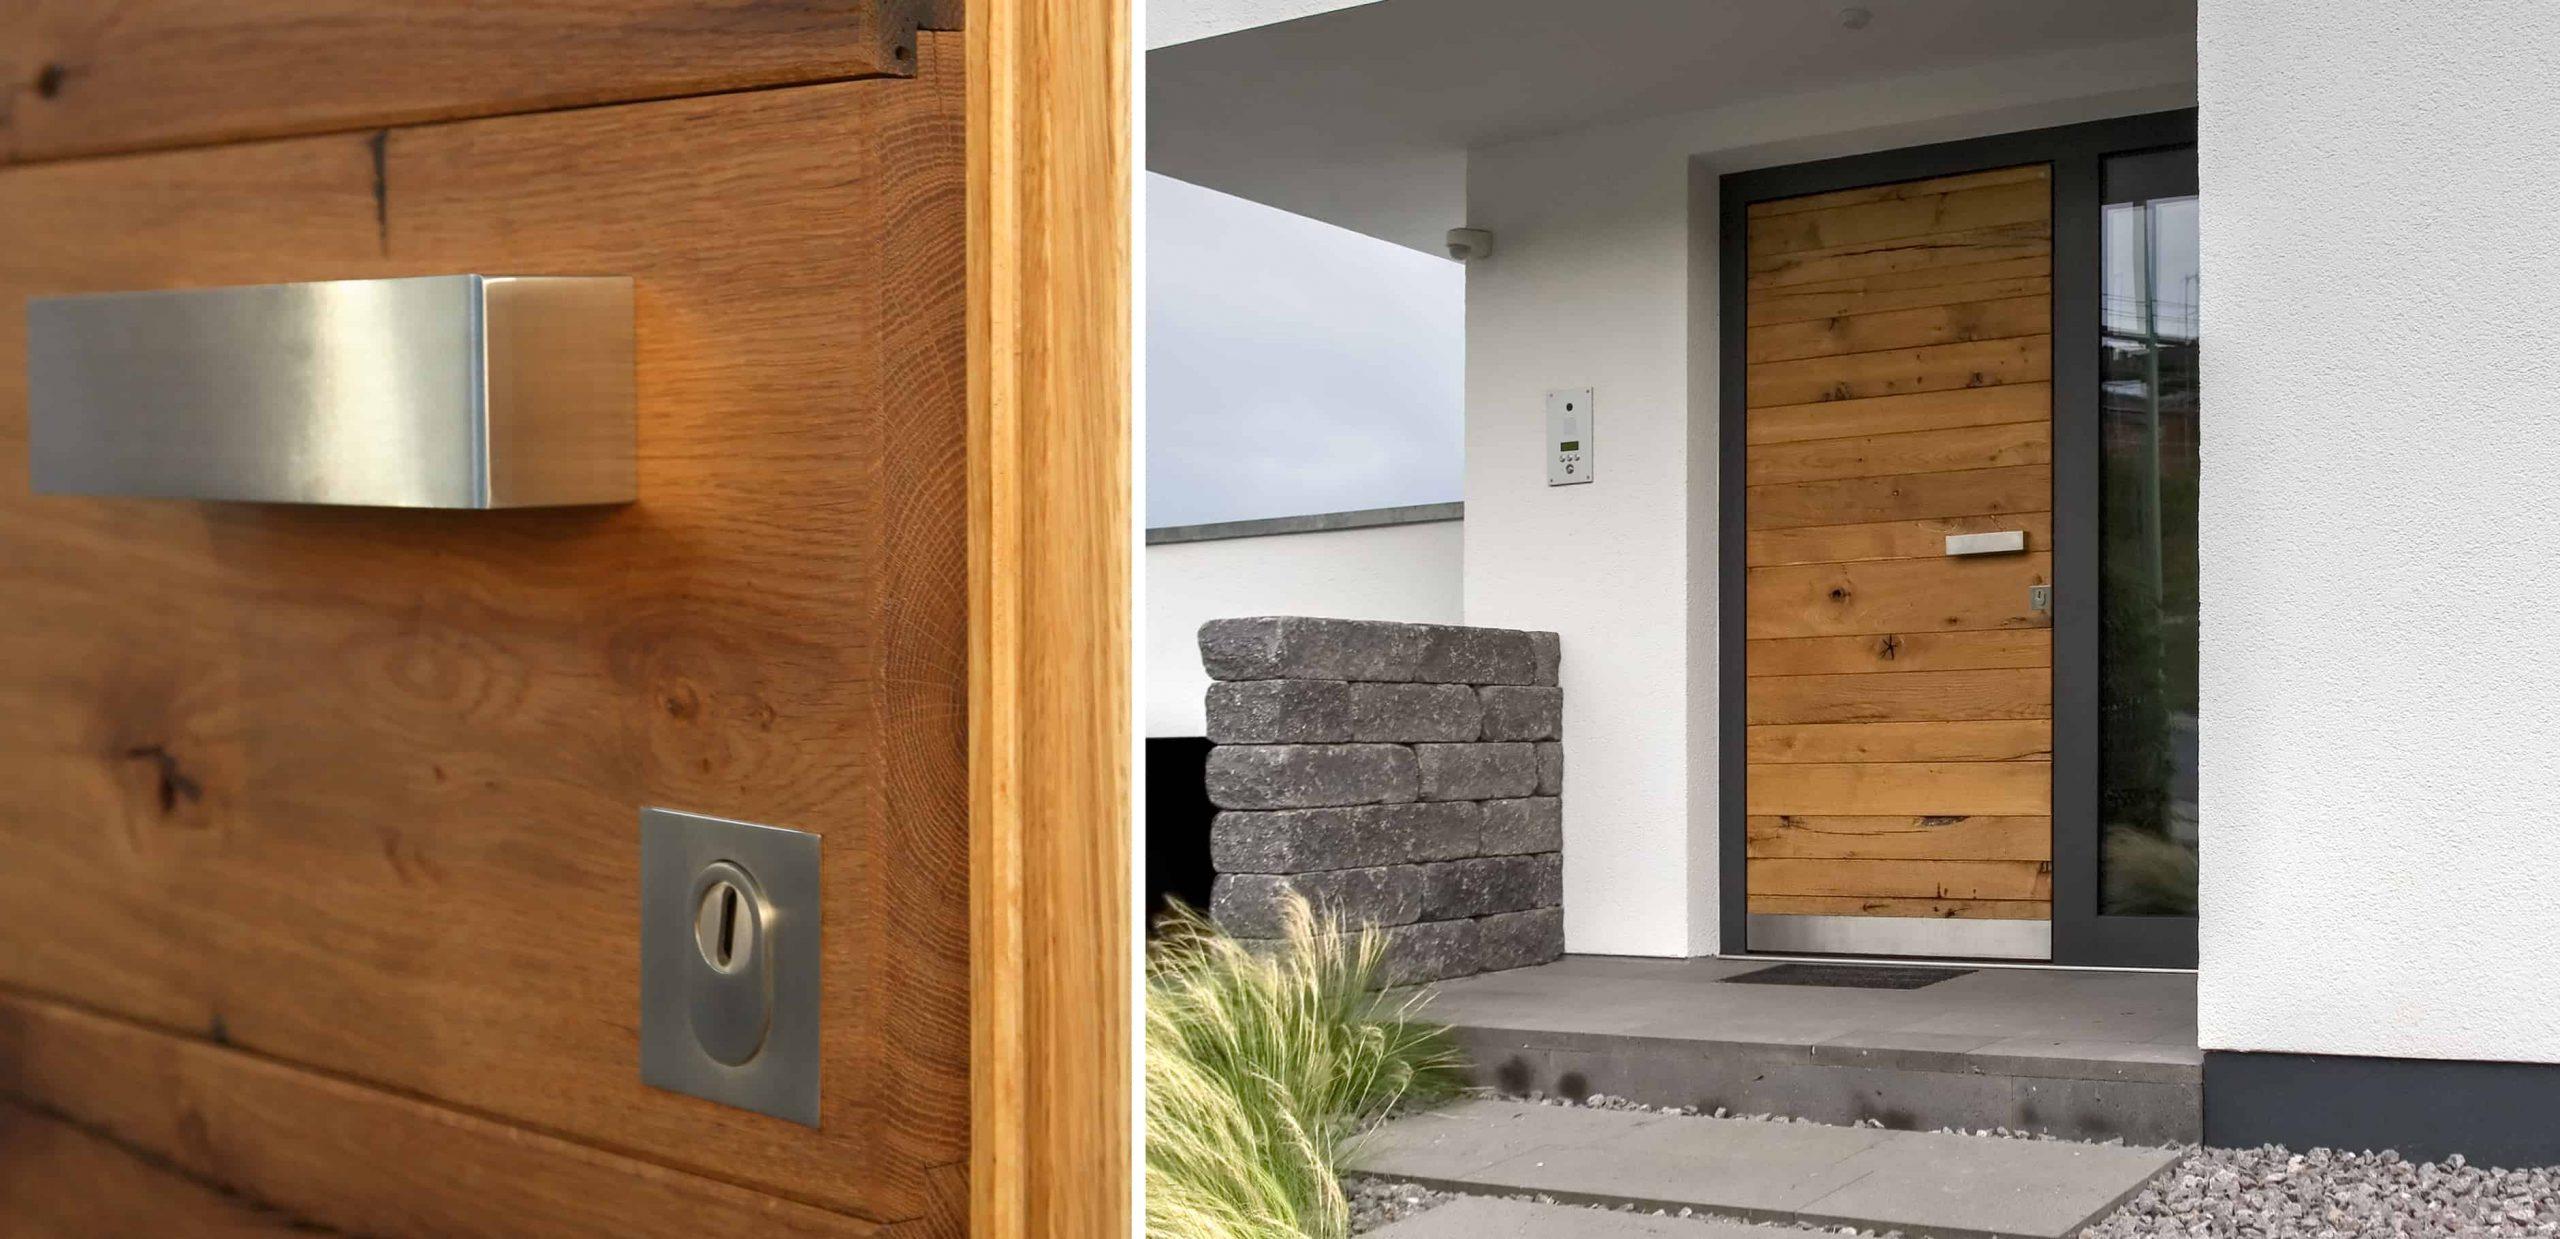 Full Size of Holz Alu Fenster Preis Josko Preise Aluminium Preisliste Unilux Holz Alu Erfahrungen Online Preisvergleich Pro Qm M2 Sicherheitsfolie Veka Einbruchschutz Fenster Holz Alu Fenster Preise